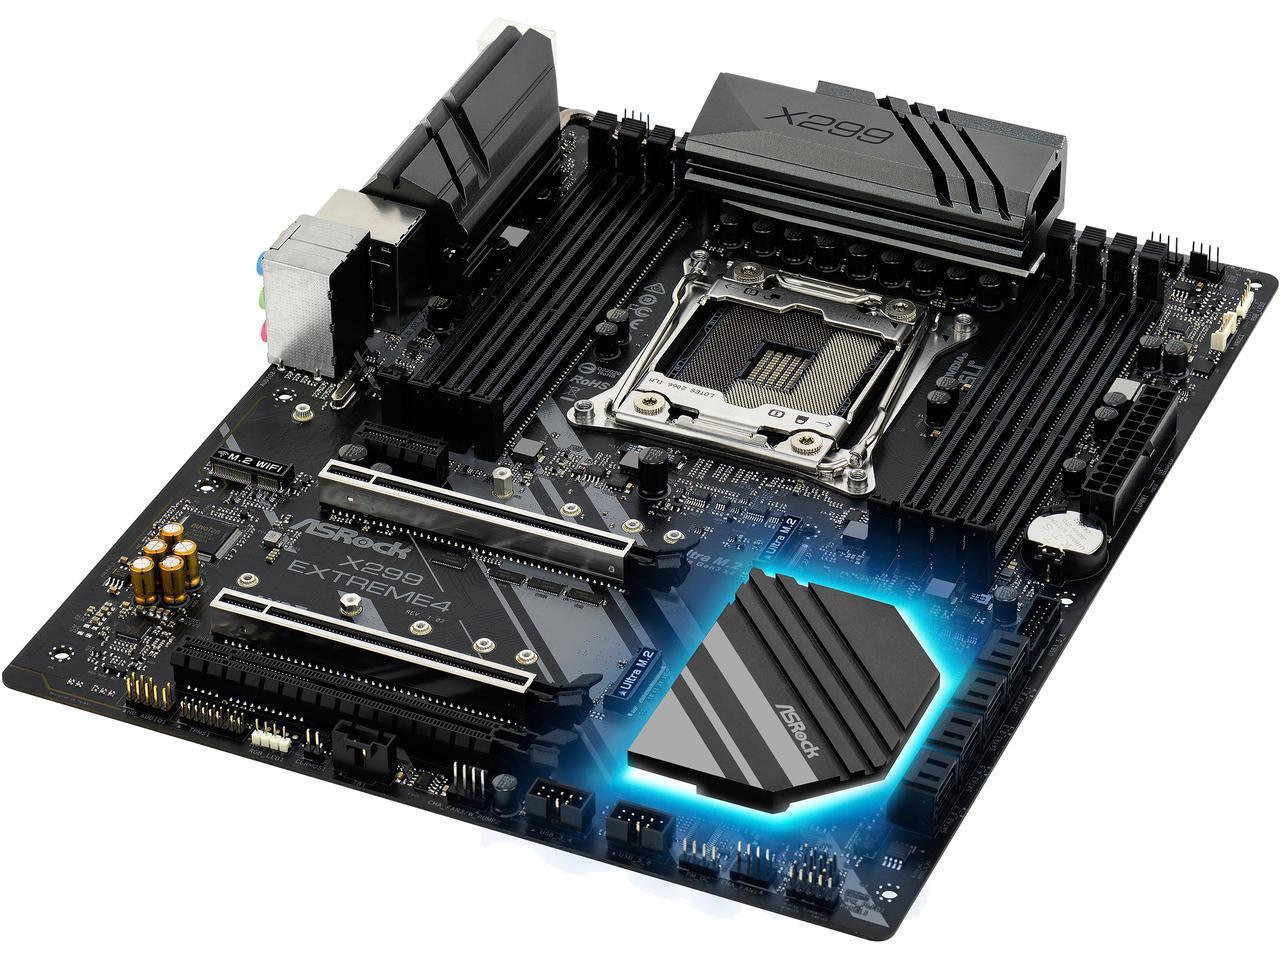 ASRock X299 EXTREME4 LGA 2066 Intel X299 SATA 6Gb/s USB 3.1 ATX Intel Motherboard $149.99 after $20.00 rebate